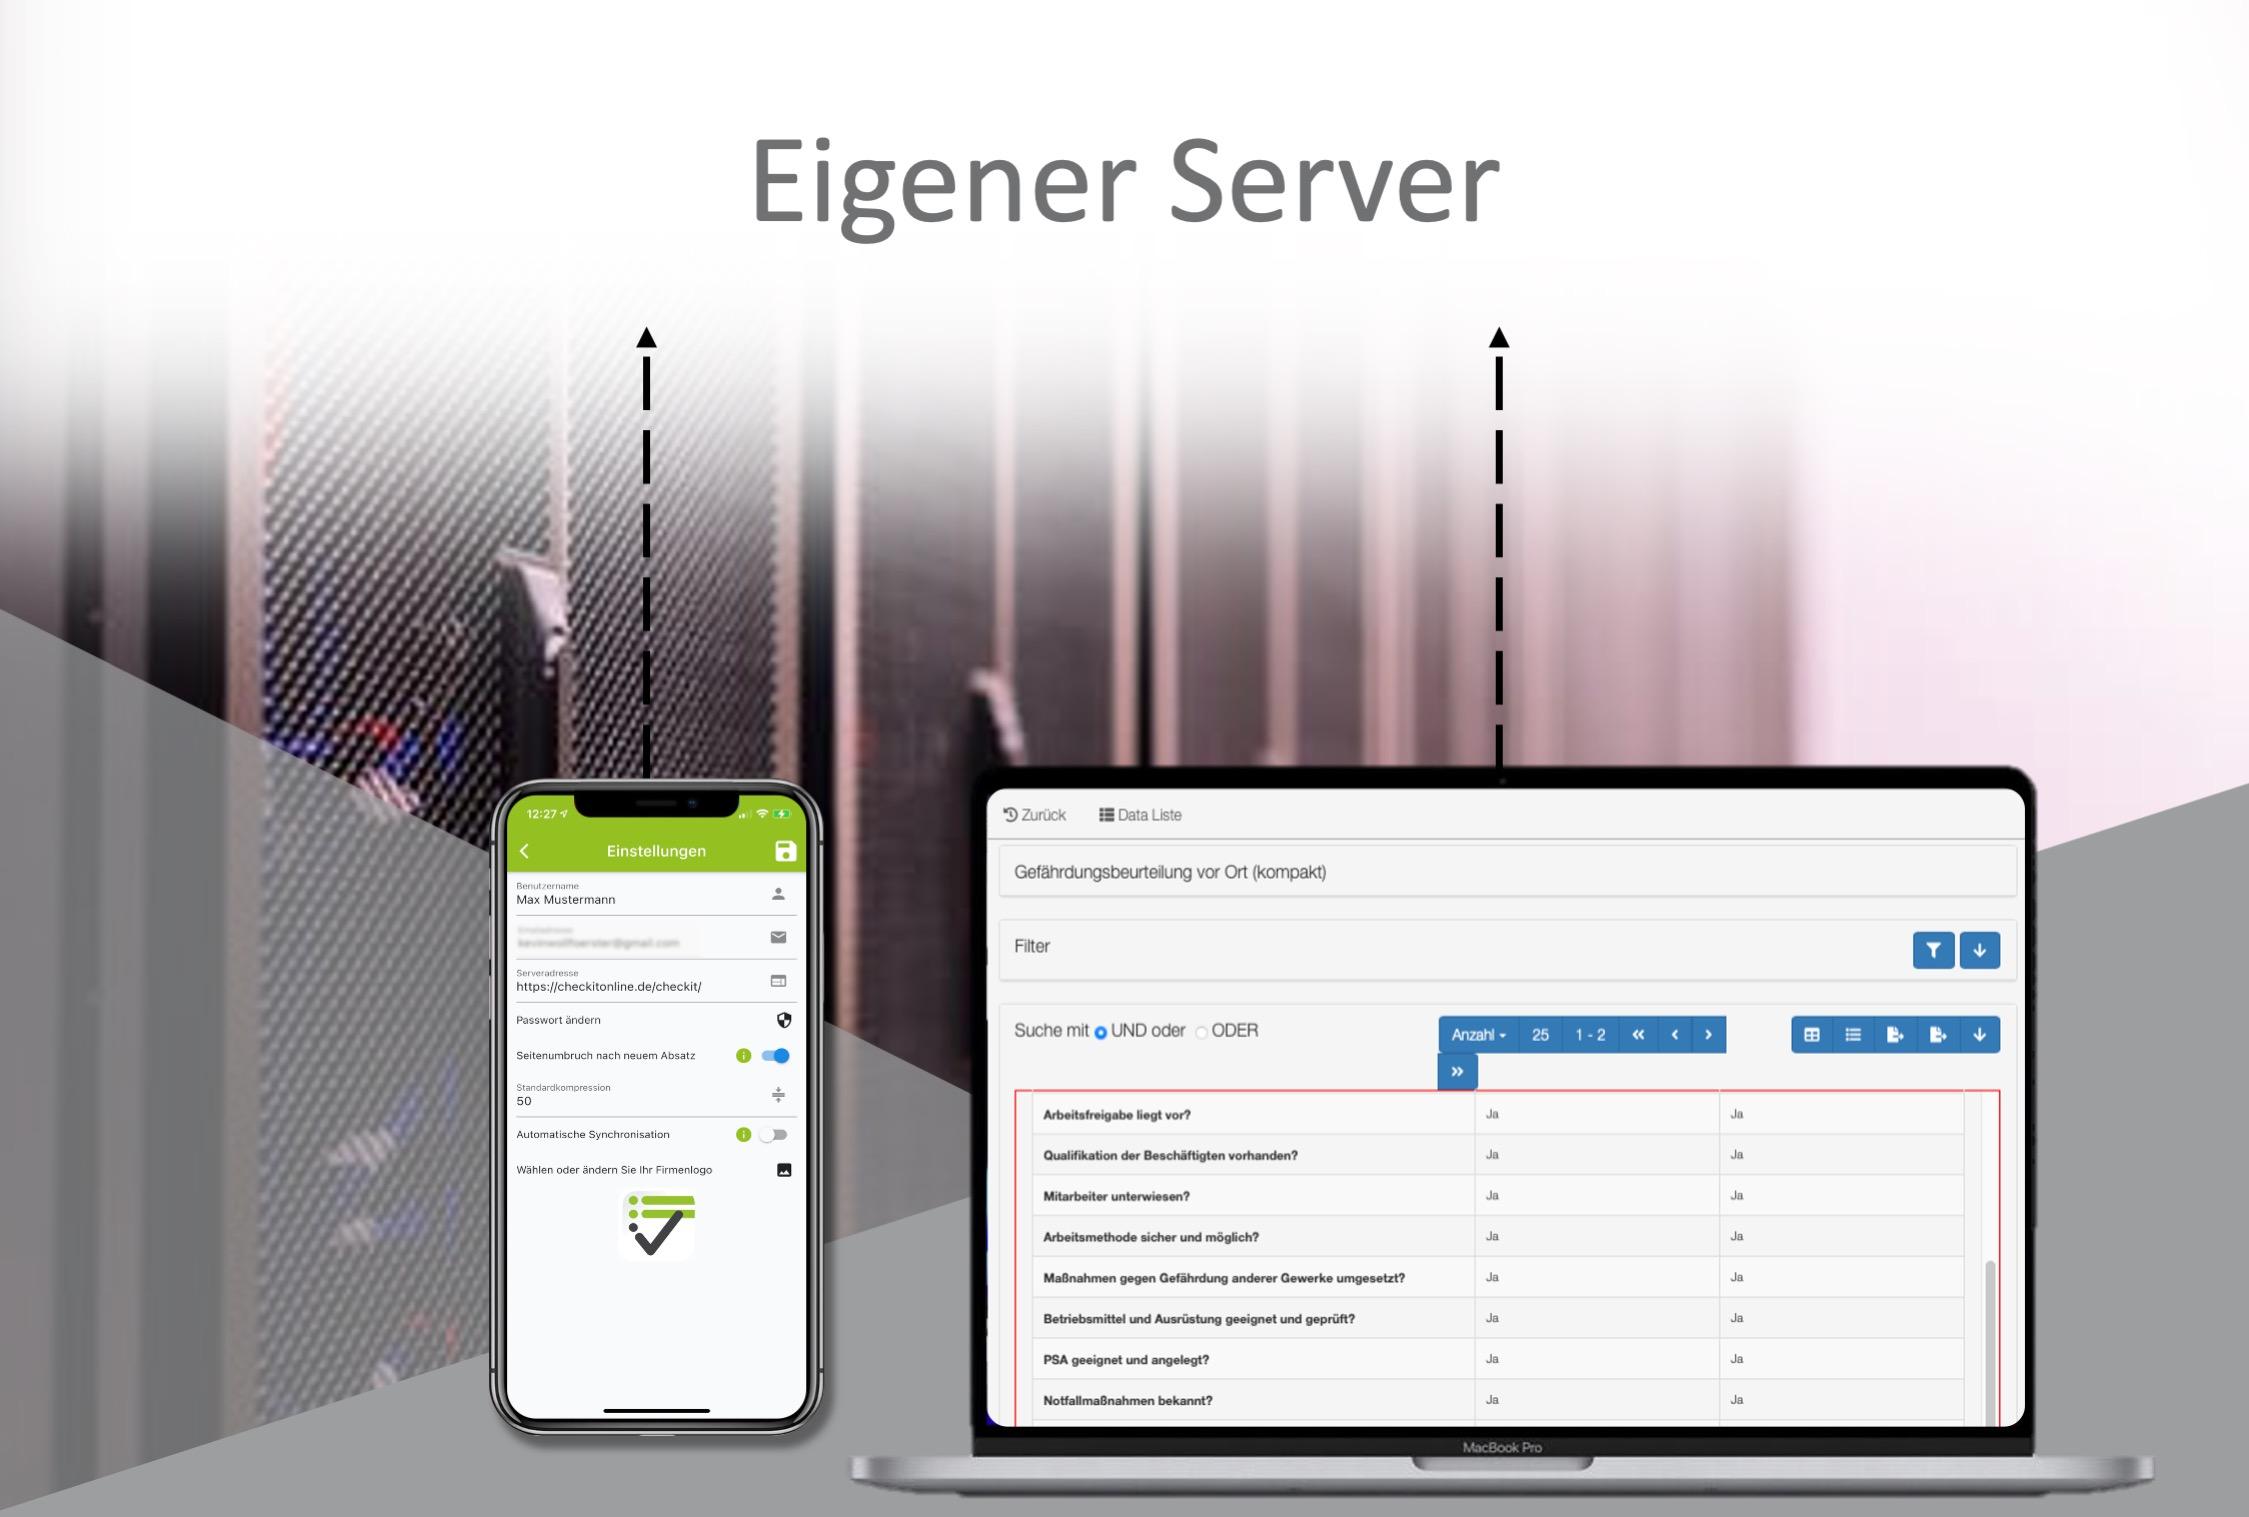 Alle aufgenommenen Daten können direkt auf Kundeneigenen Servern gespeichert werden